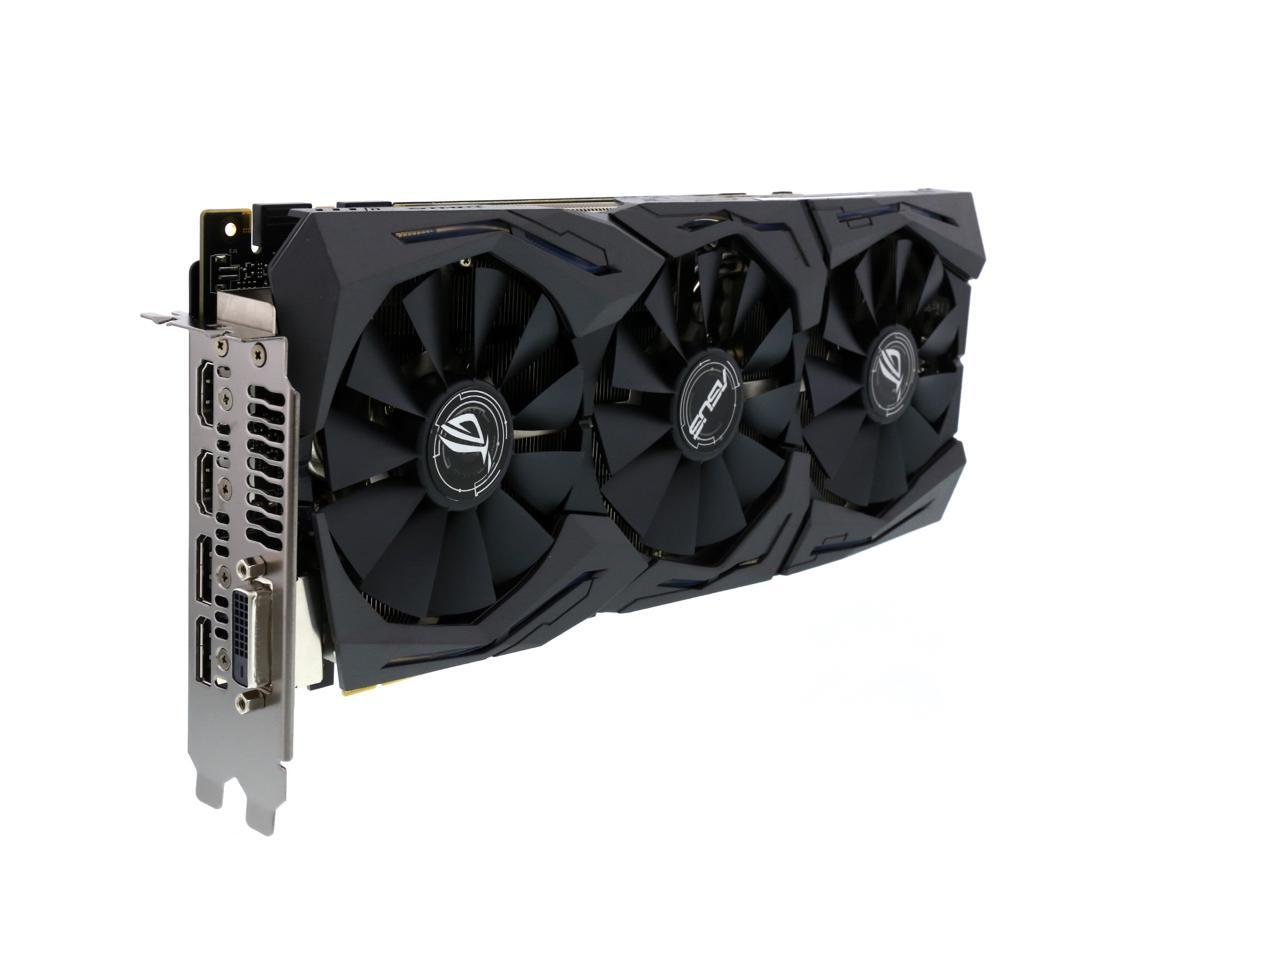 ASUS ROG GeForce GTX 1080 STRIX